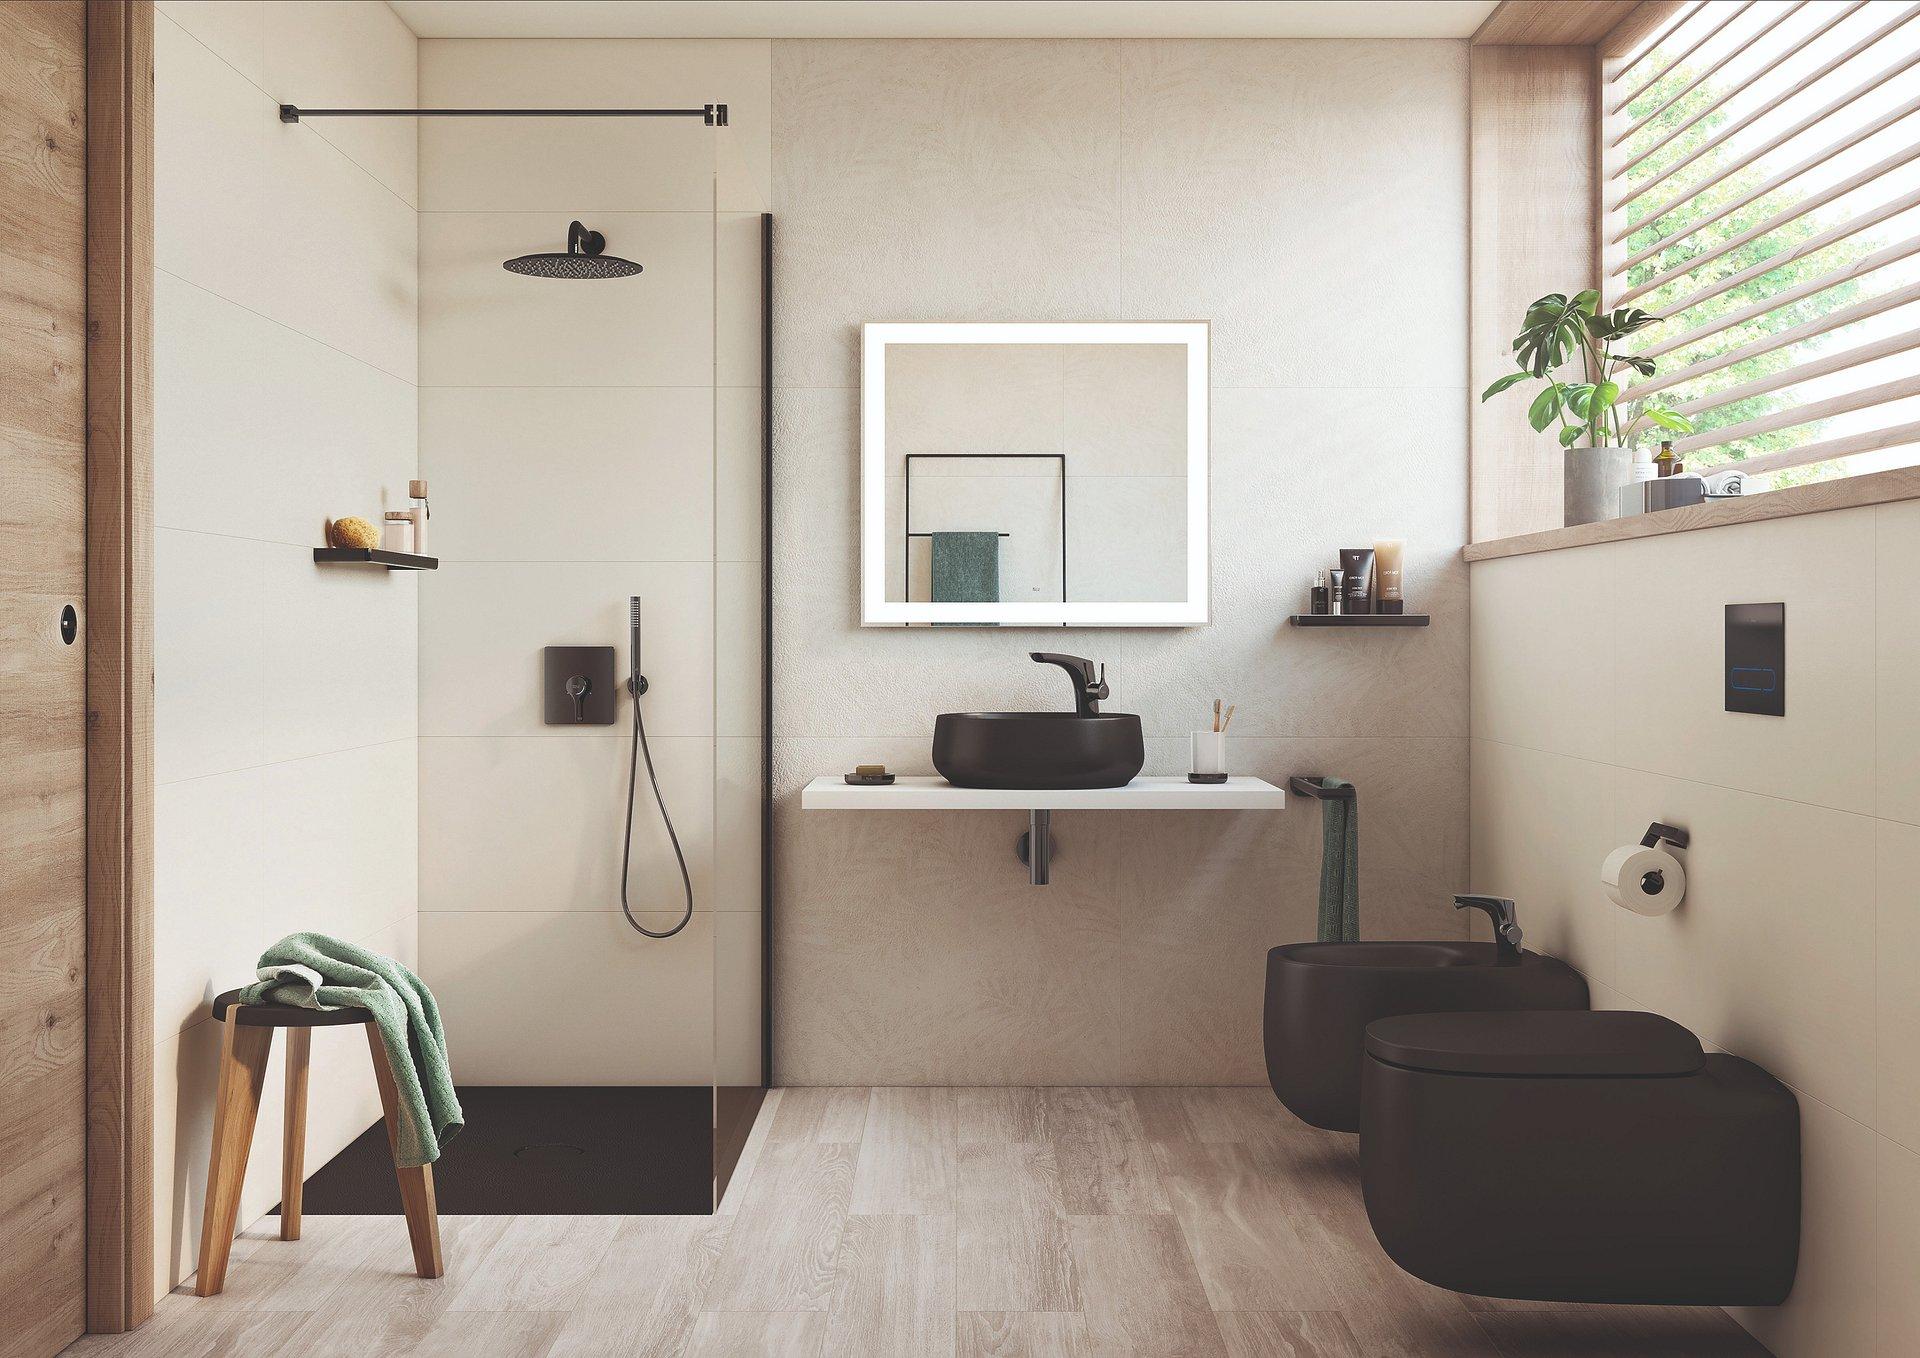 Kolejna zaskakująca odsłona Roca na 4 DESIGN DAYS 2020 - Kolor i moda w łazience